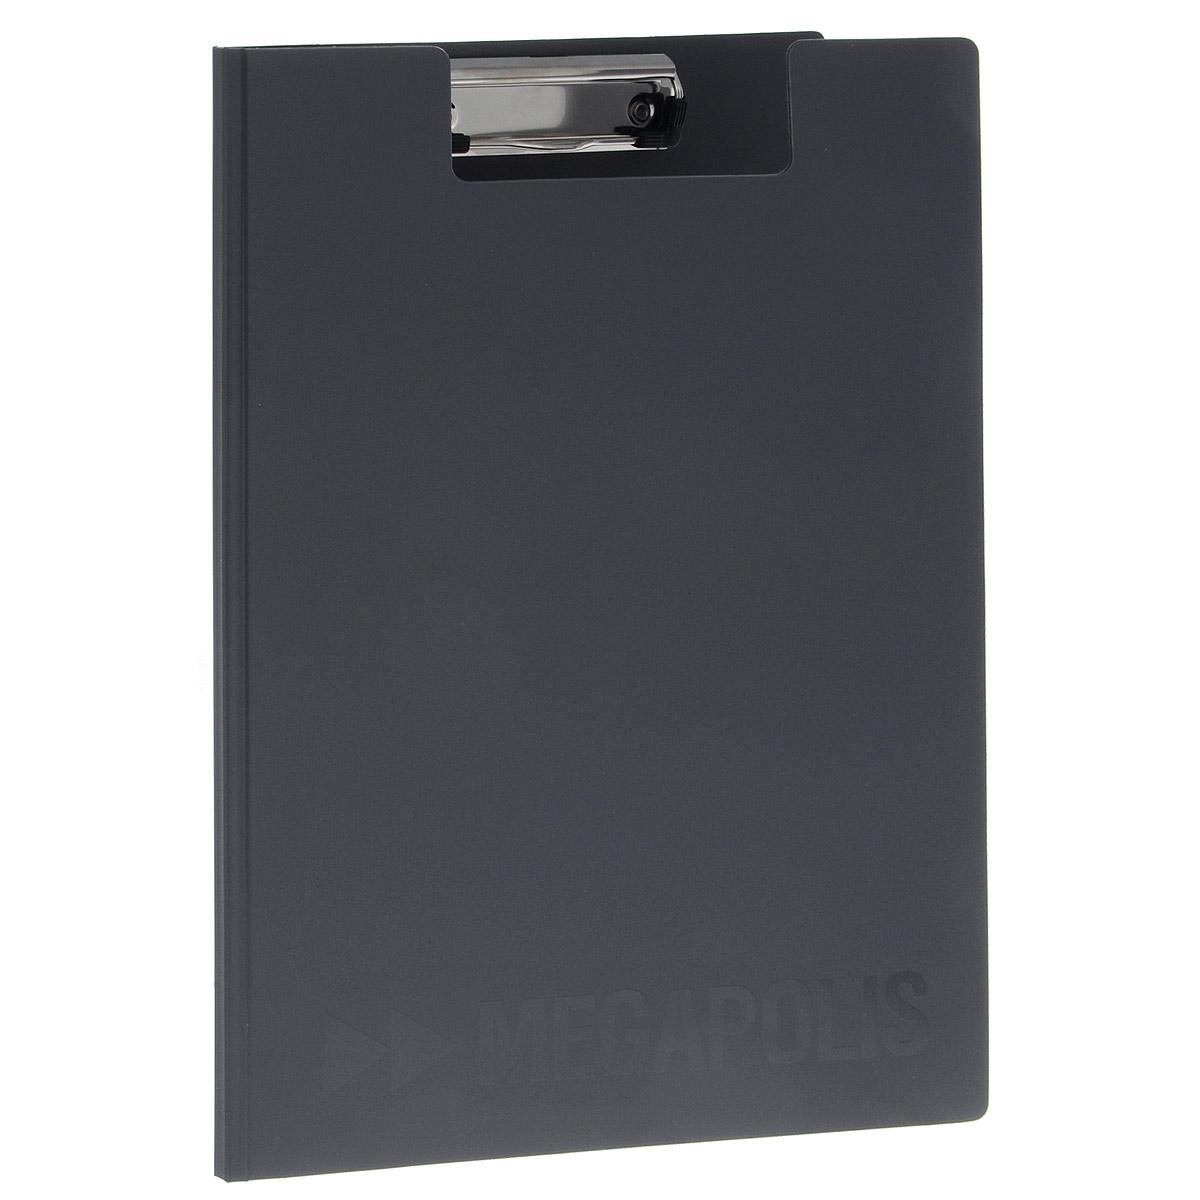 Папка-планшет Erich Krause Megapolis, формат А4, цвет: серый3877Папка-планшет Erich Krause Megapolis будет незаменима для работы с документацией в дороге или на складе, а так же может быть использована для подготовки и хранения текстов выступлений или докладов . Изготовлена из жесткого пластика, и ПВХ. Благодаря своей жесткости позволяет делать записи на весу. Металлический зажим надежно фиксирует листы, предотвращая сползание бумаги. Есть внутренний карман для заметок.